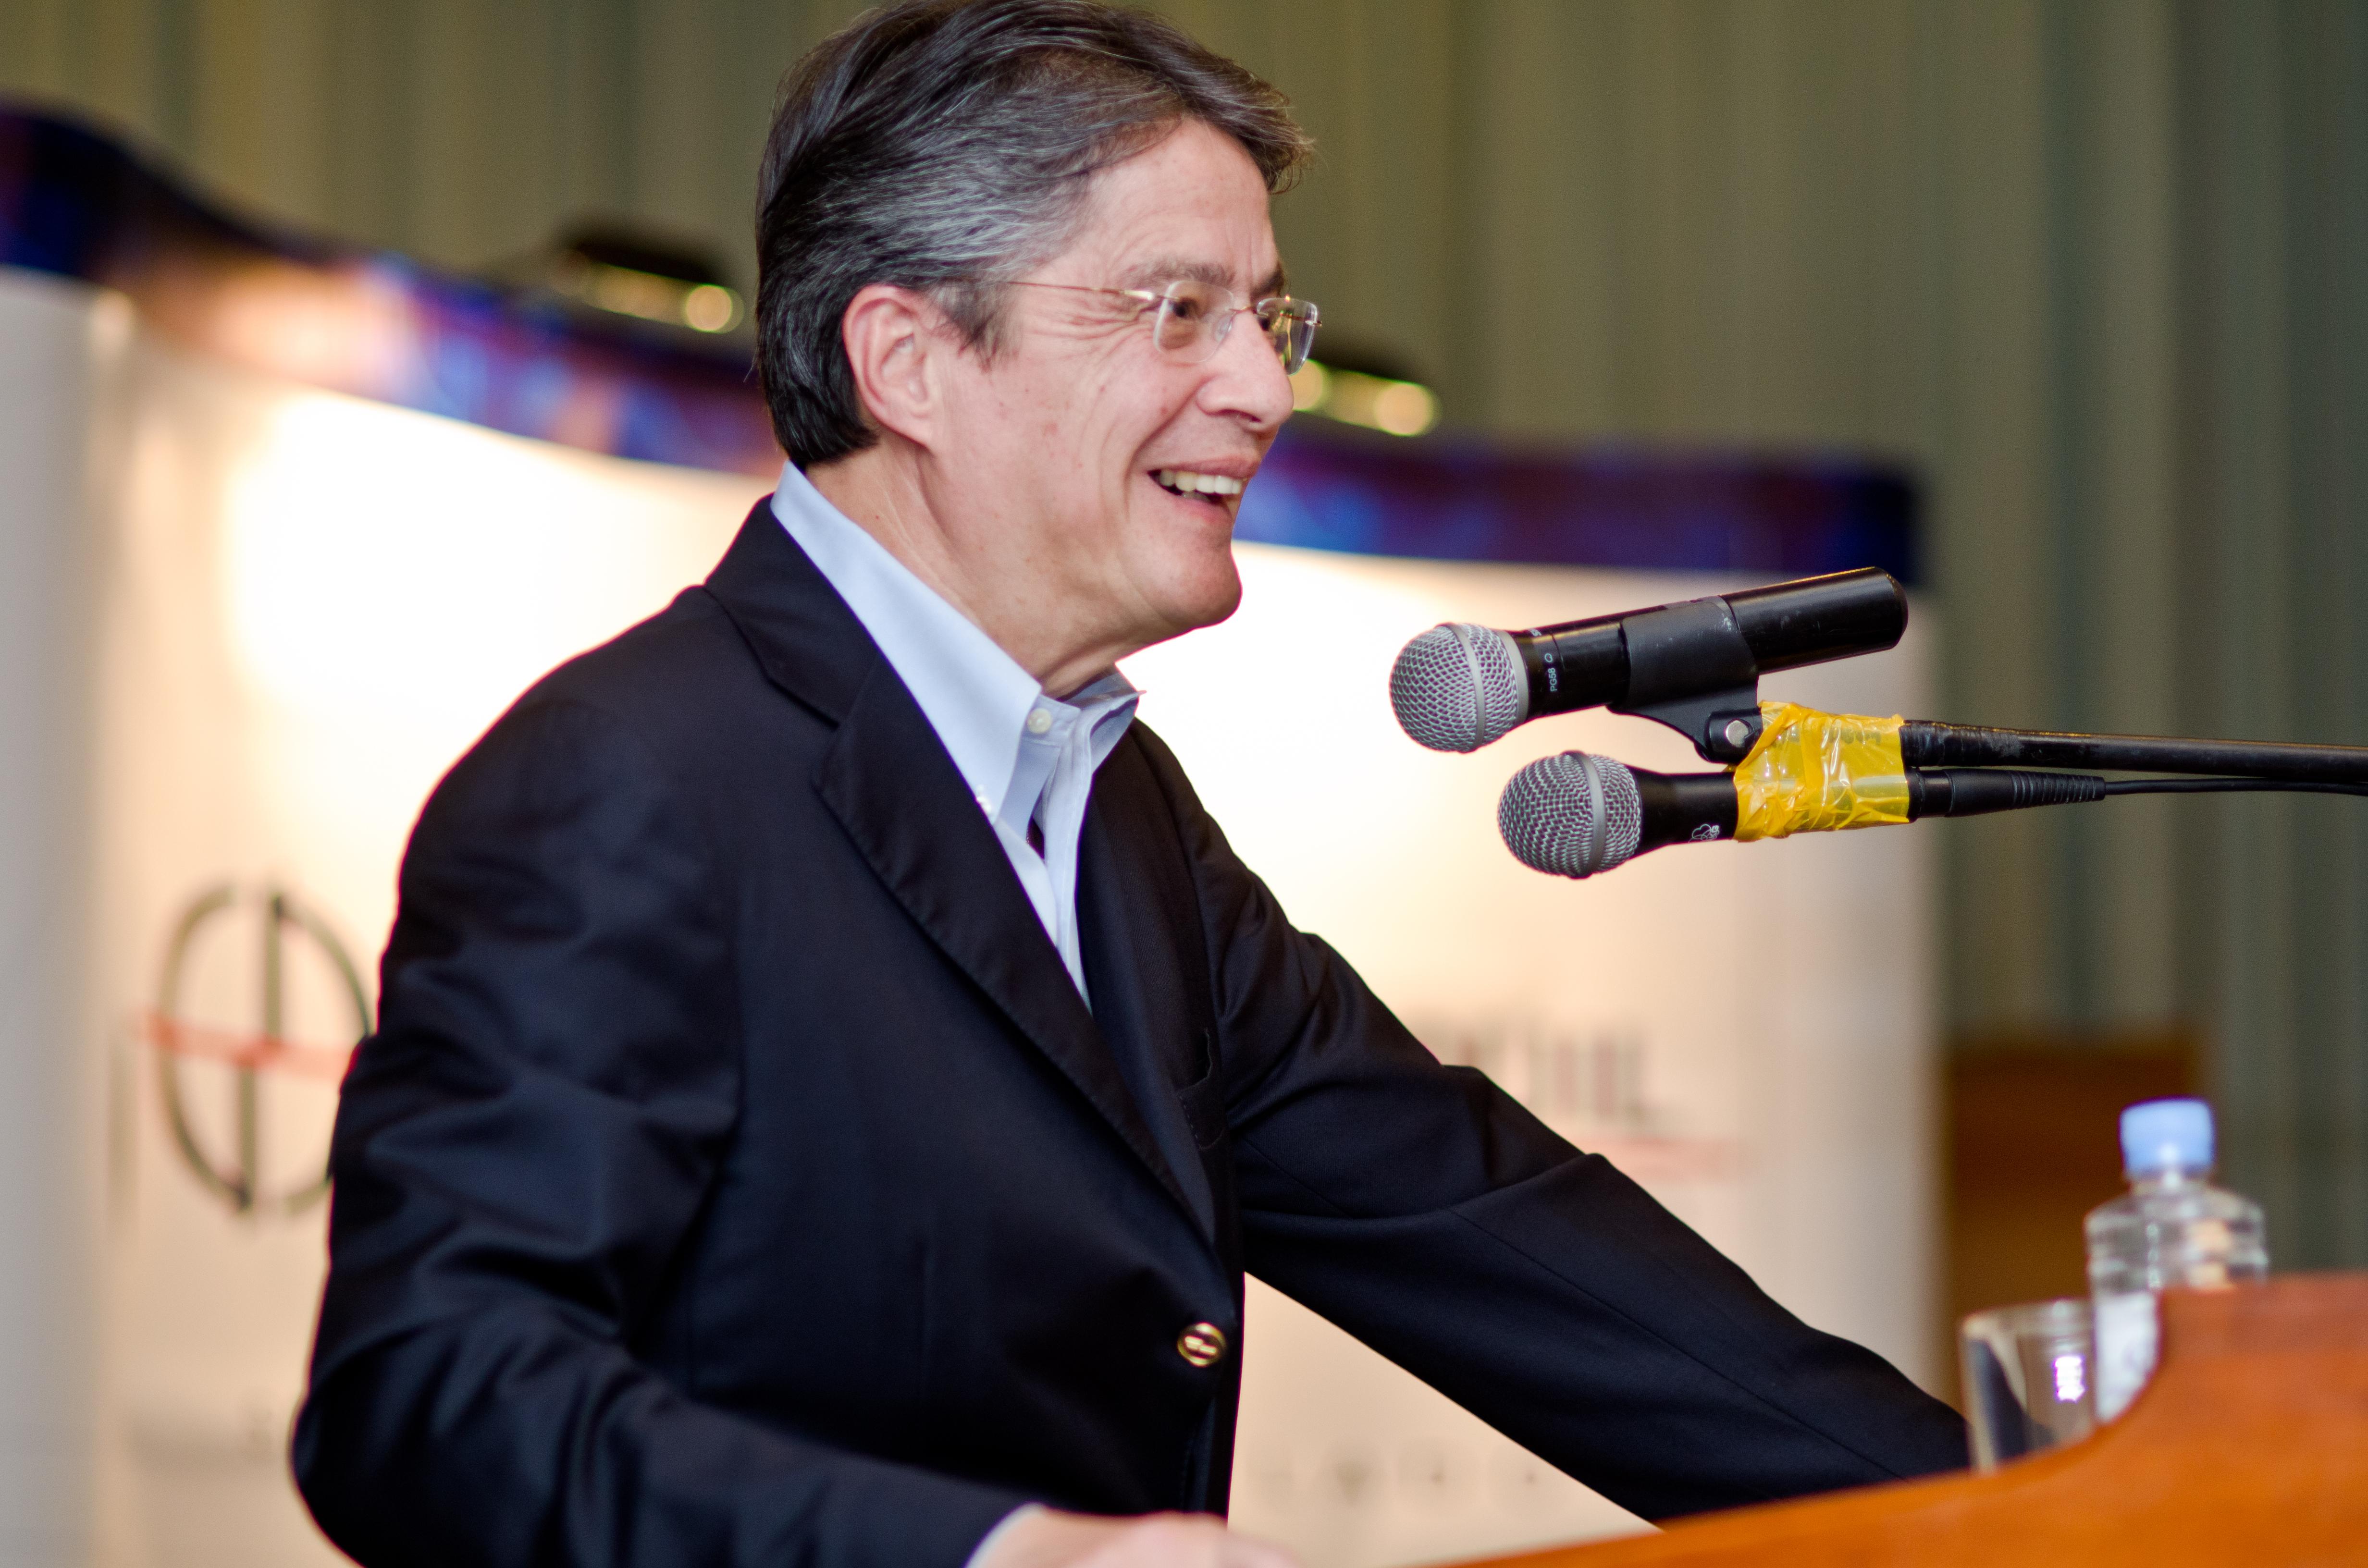 Guillermo Lasso FileGuillermo Lasso de perfiljpg Wikimedia Commons